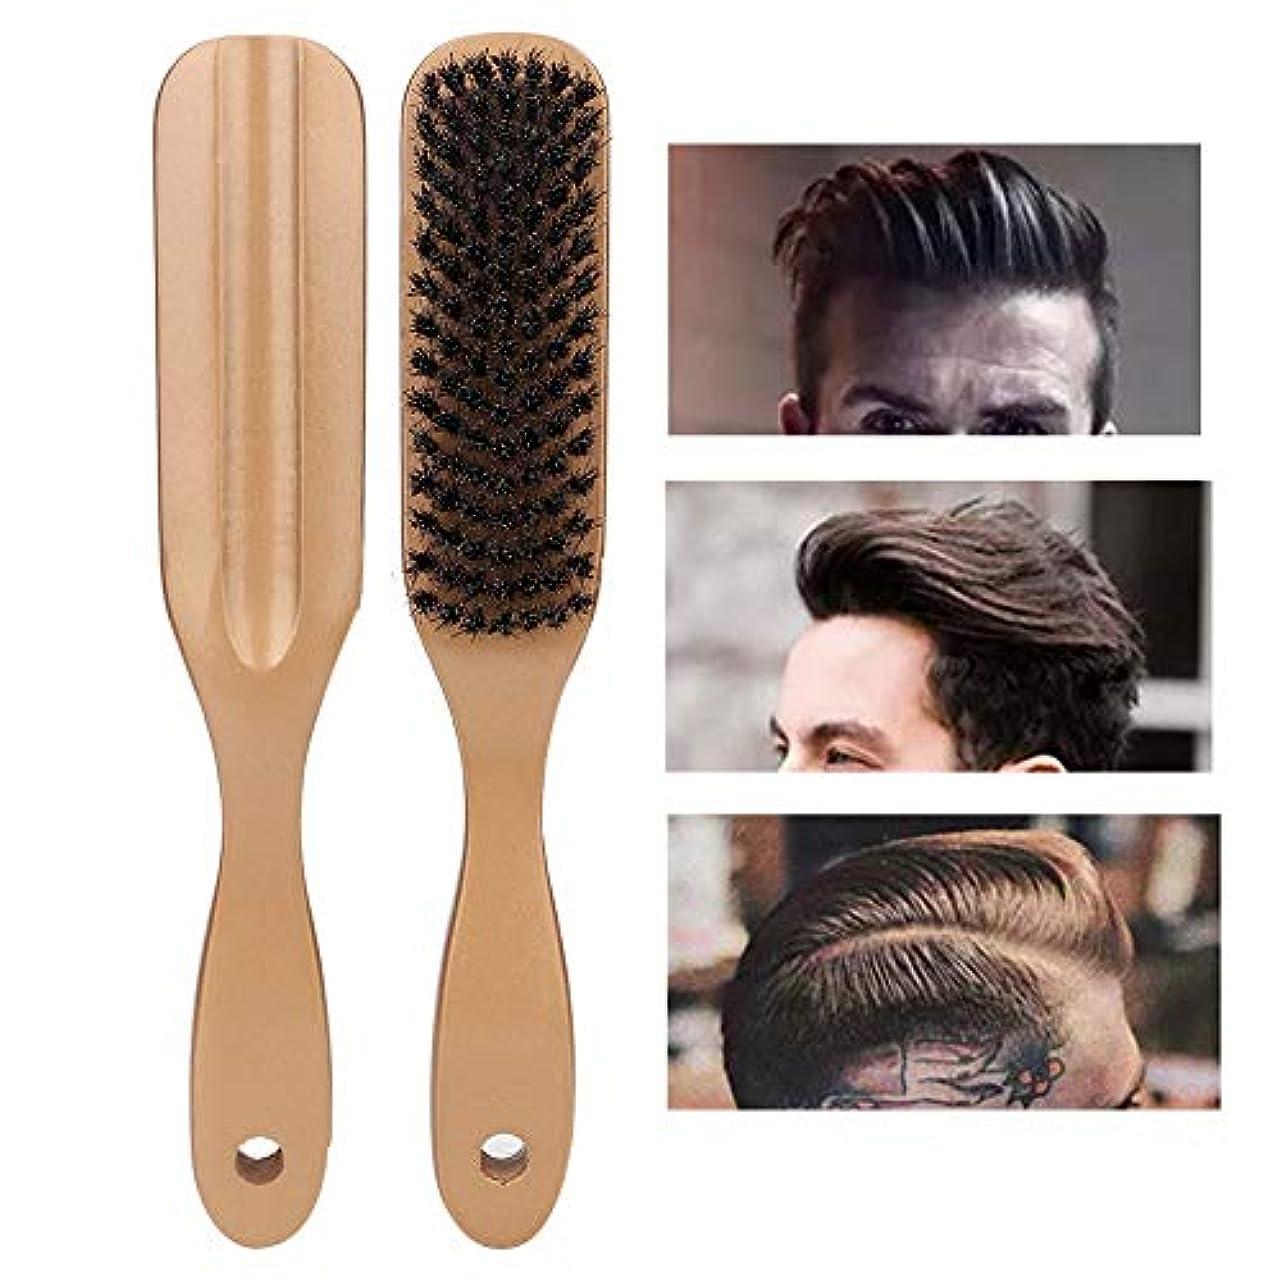 試験医薬品型人のひげの櫛のブラシオイルのヘッドブラシのヘアーケア用具(ダークイエロー)